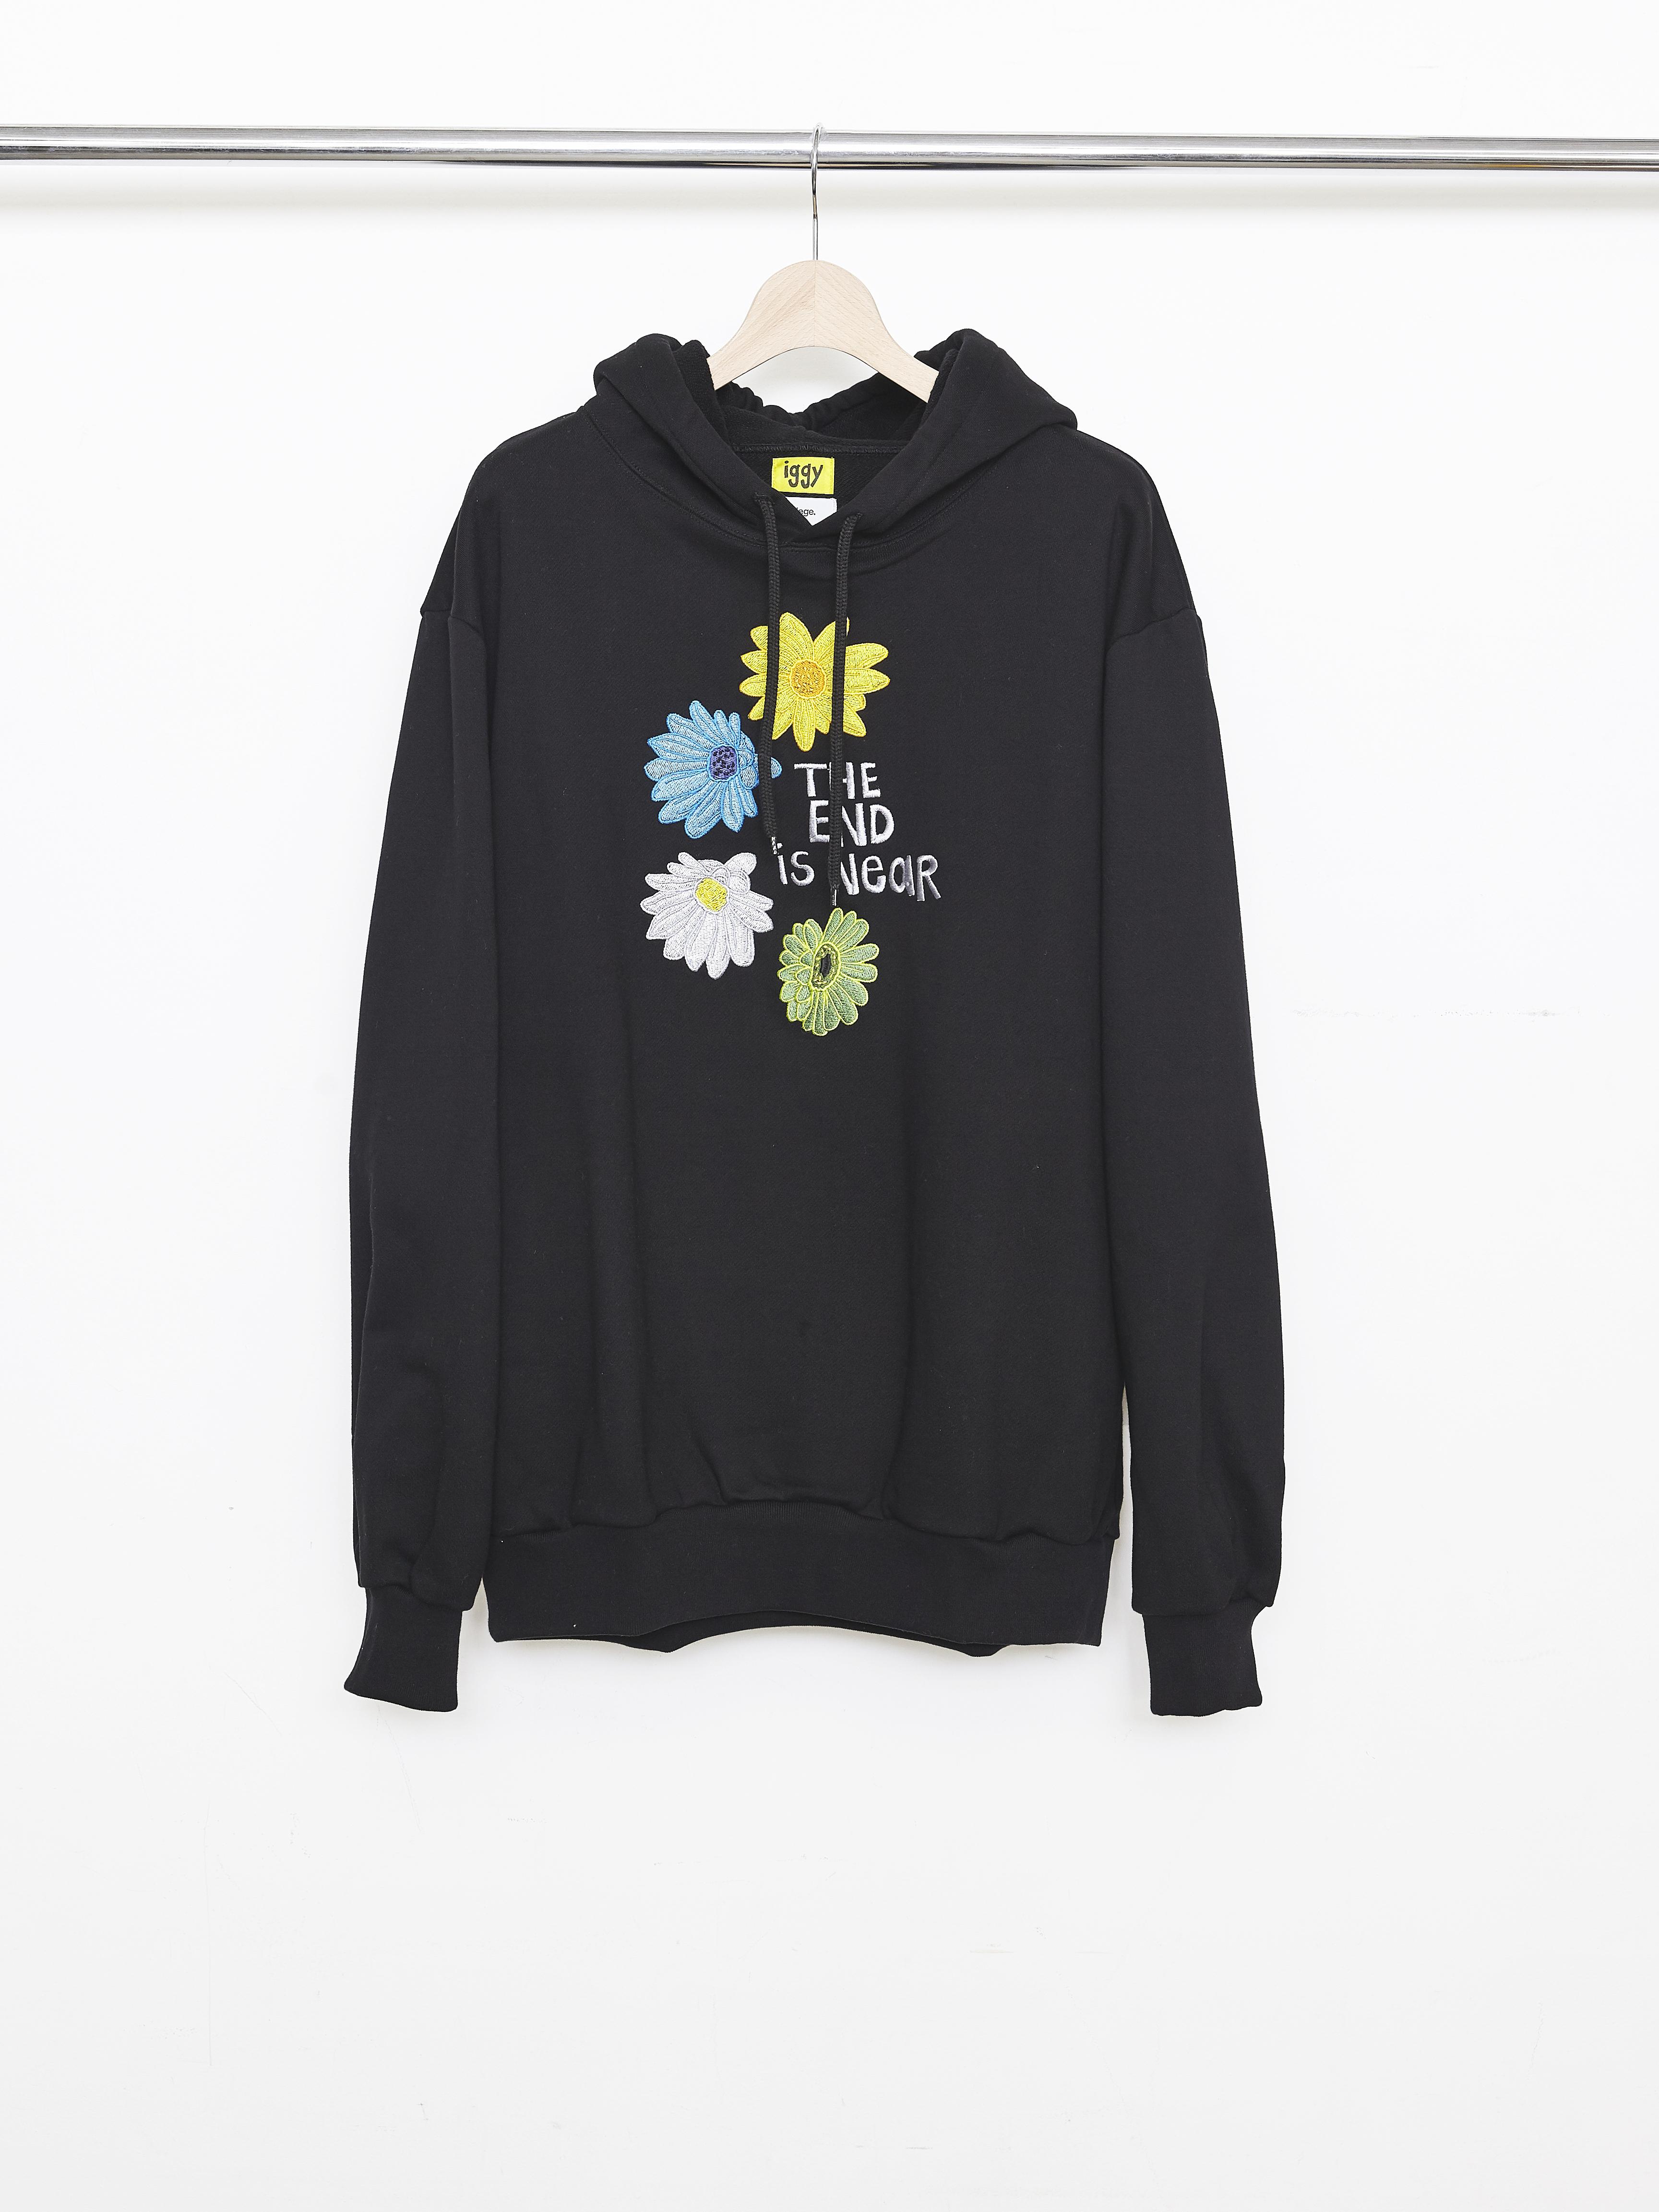 Allege×iggy Flower Hoodie - Black